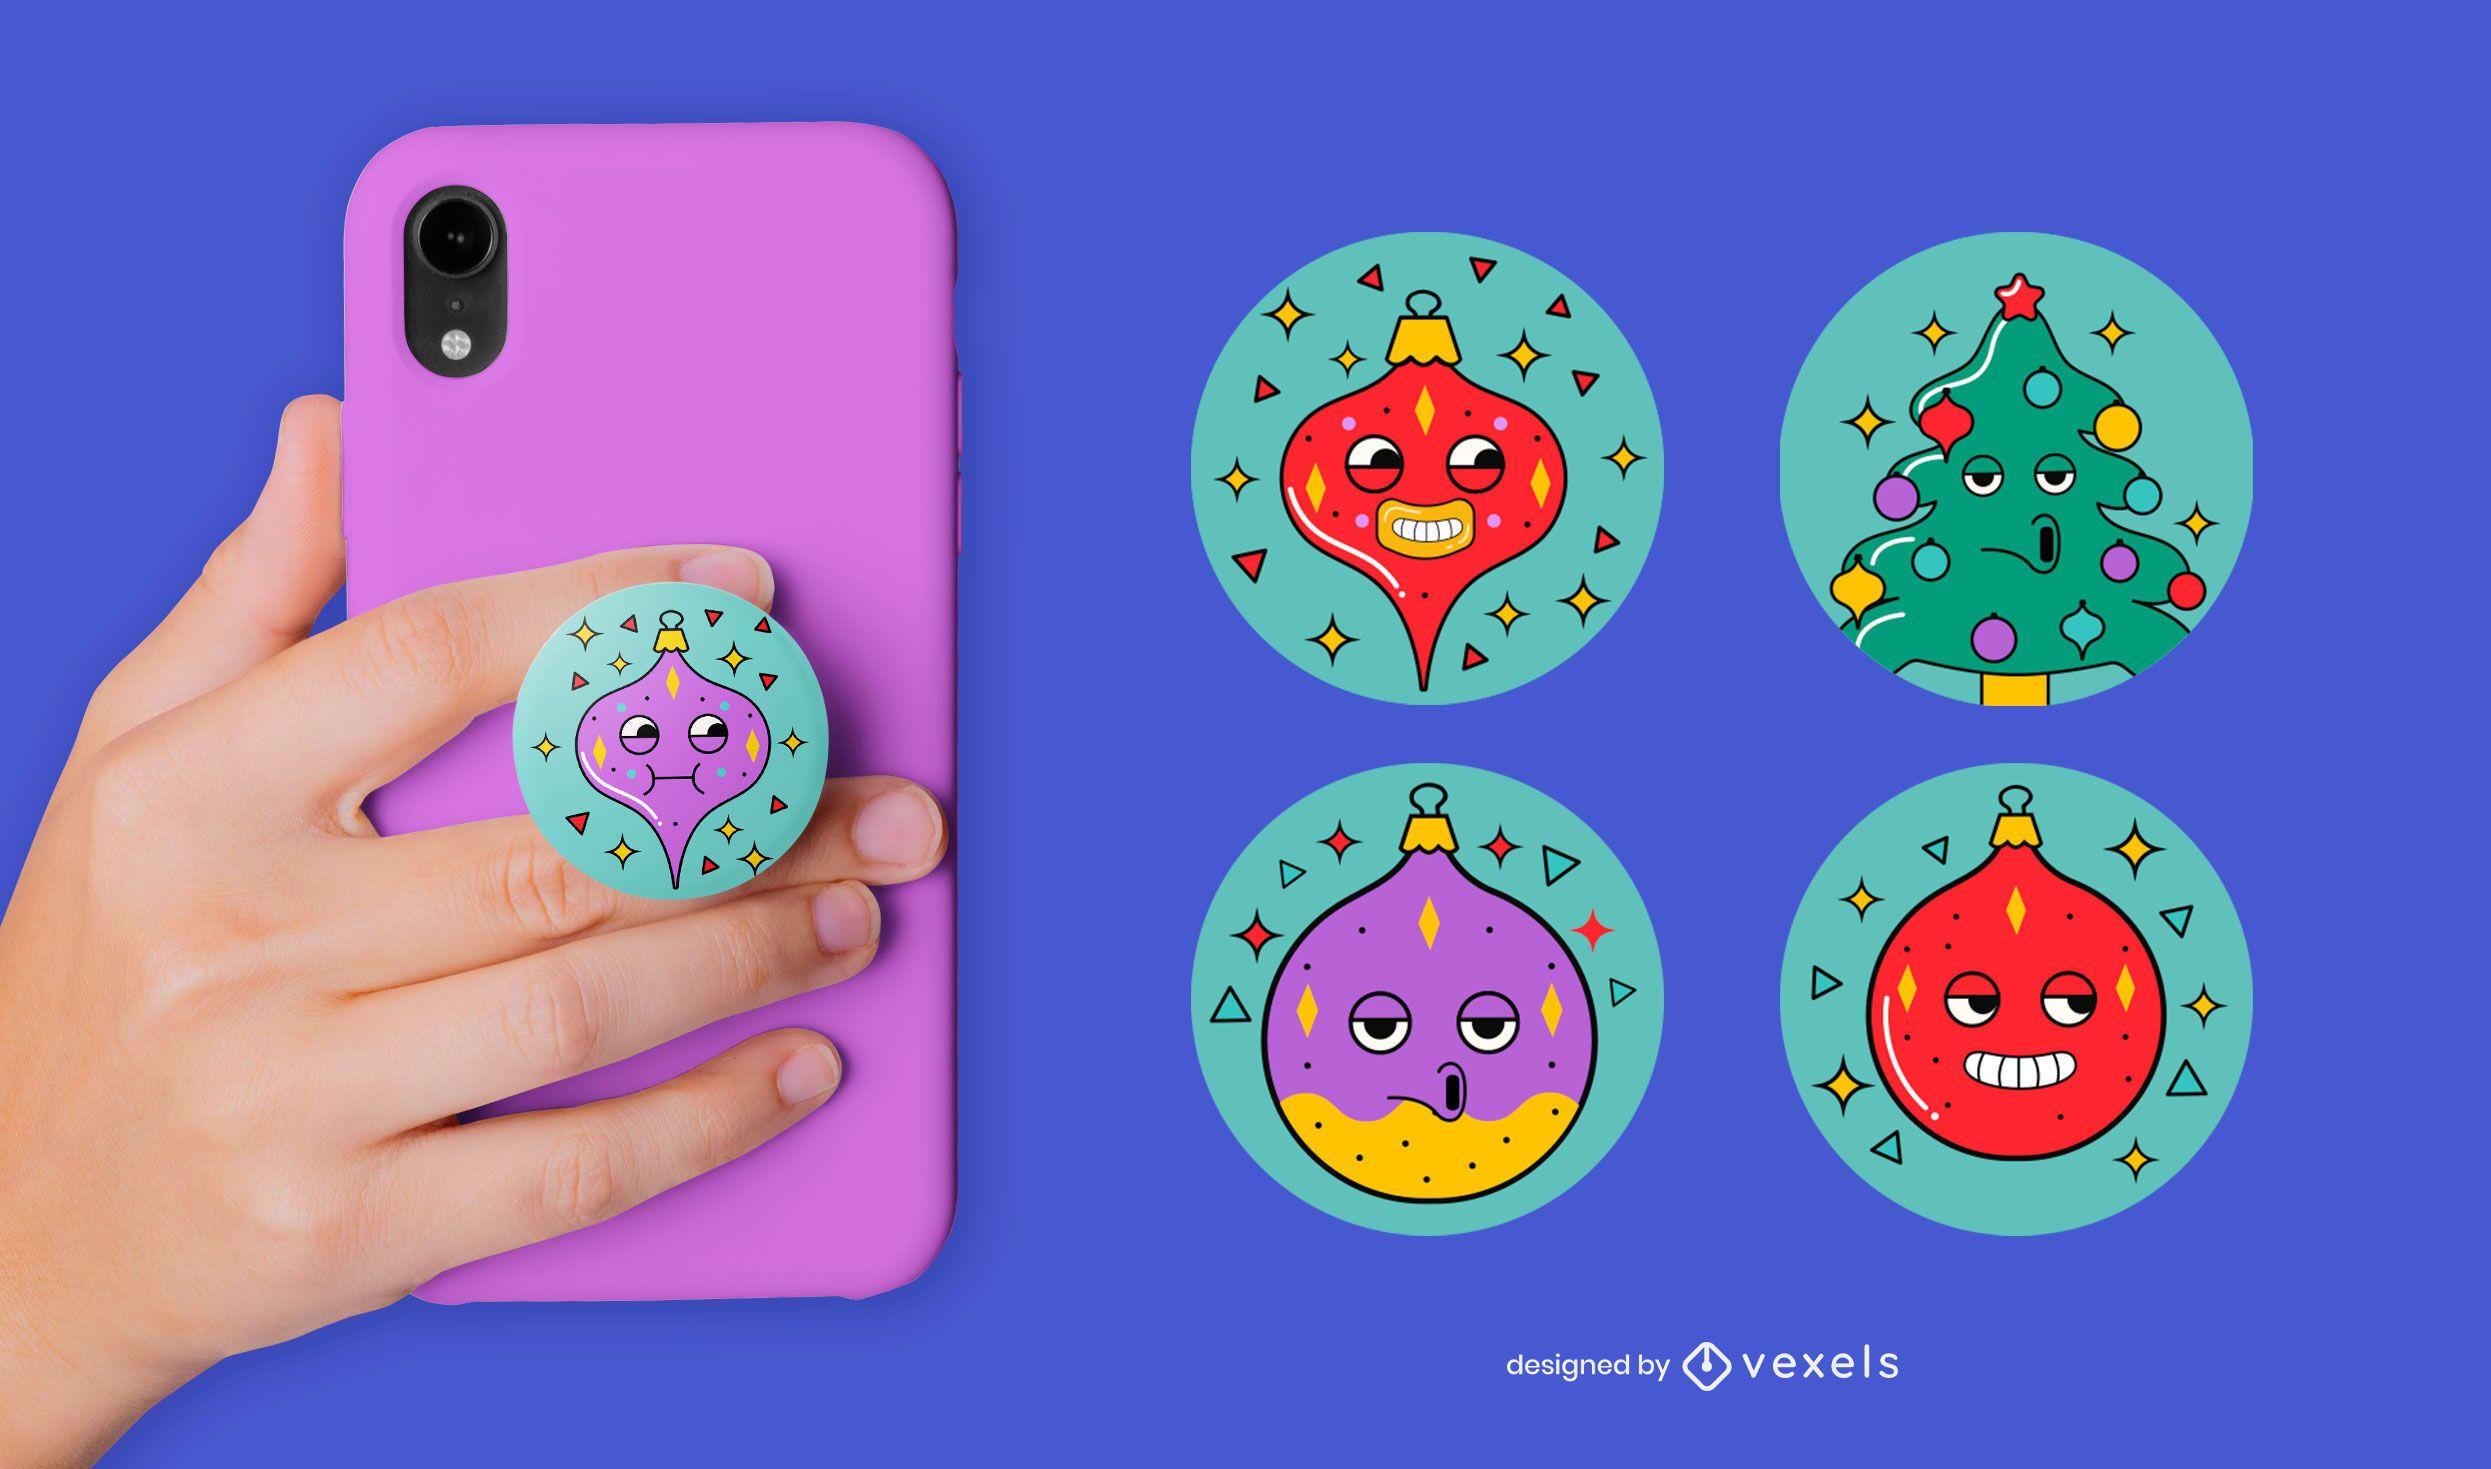 Lustiges Weihnachtsschmuck-Popsocket-Set